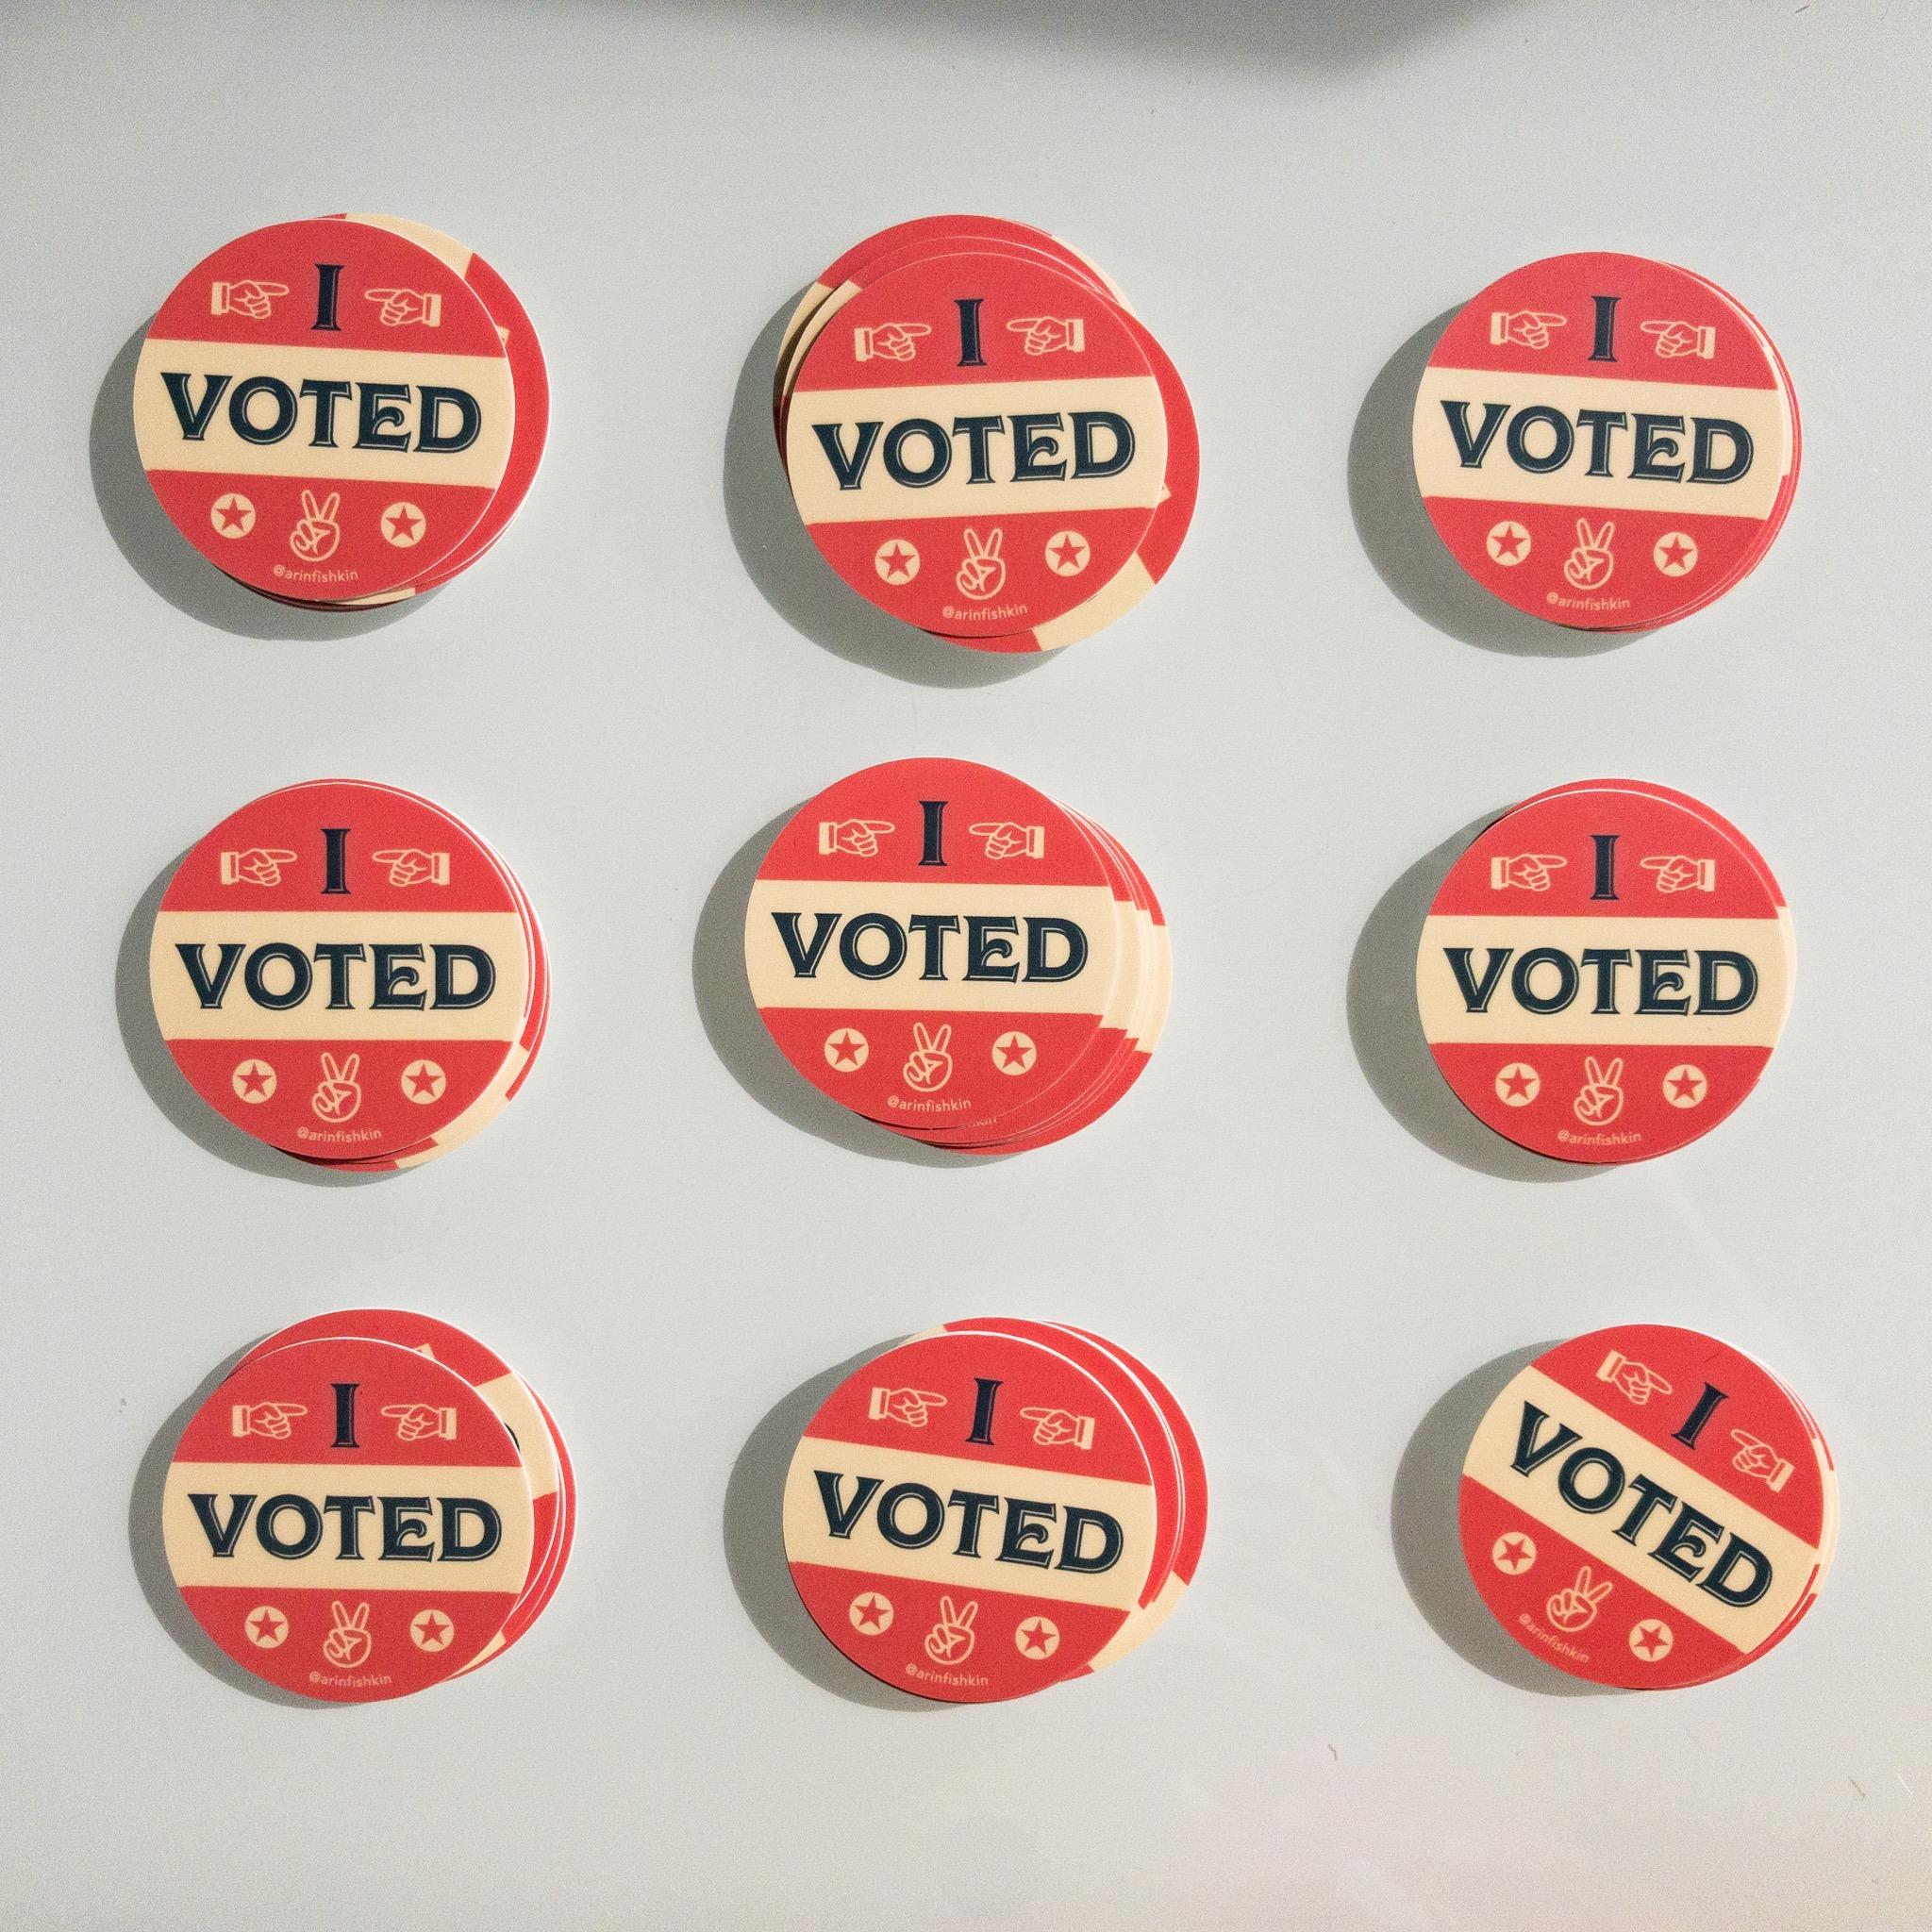 sticker graphic, I voted